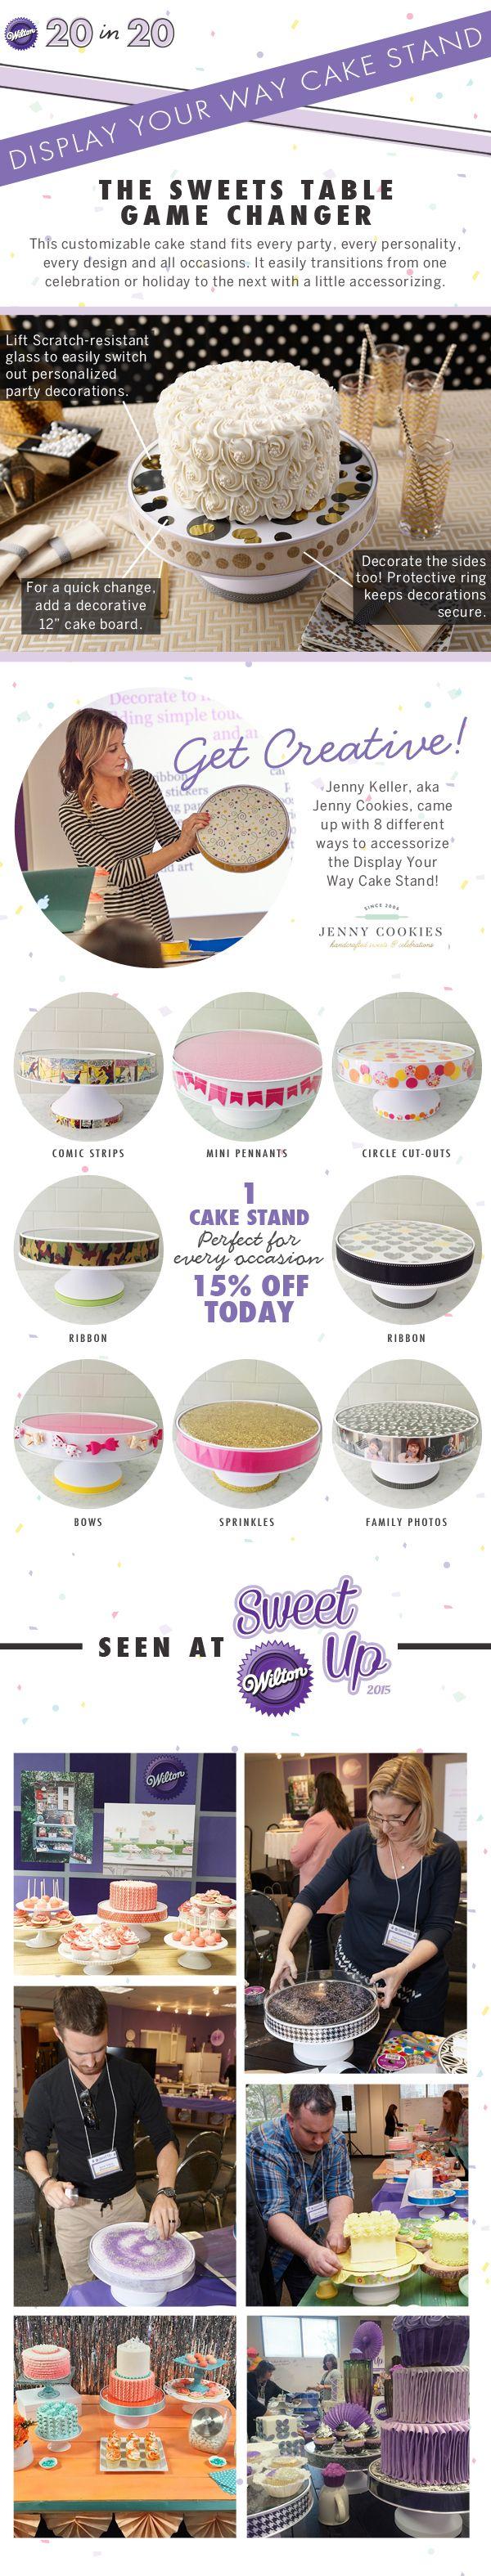 Essentials Of Cake Decorating : 17 Best images about Baking and Decorating Essentials on ...